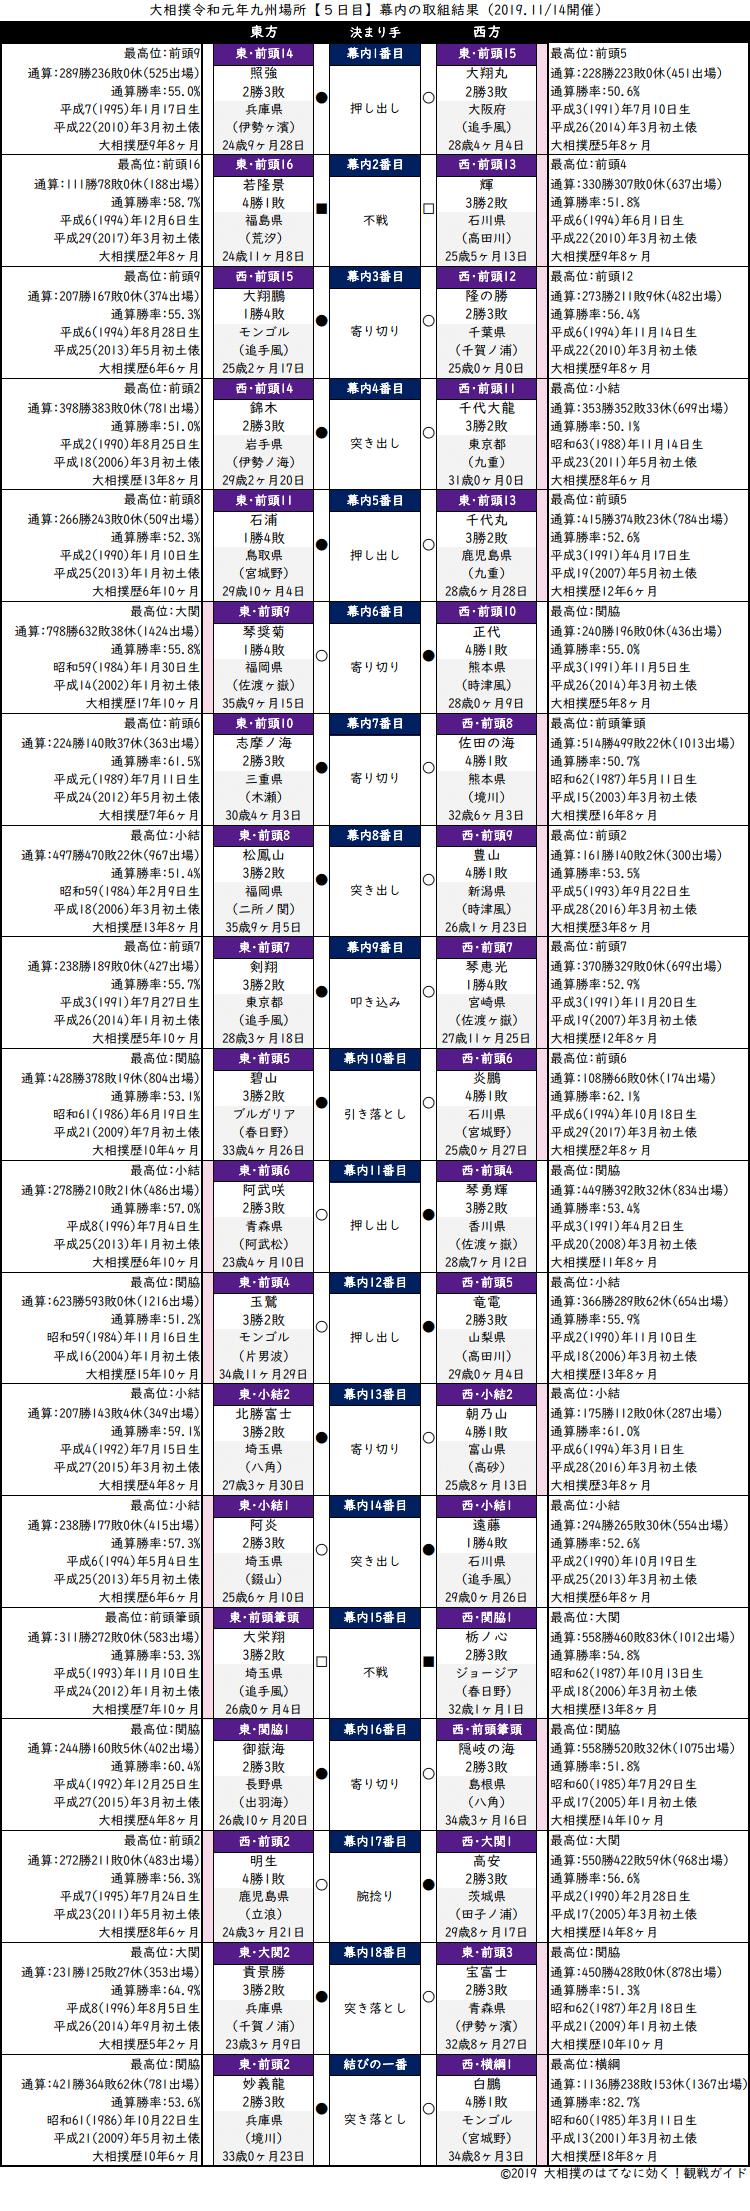 大相撲・2019年11月場所5日目・幕内の取組結果